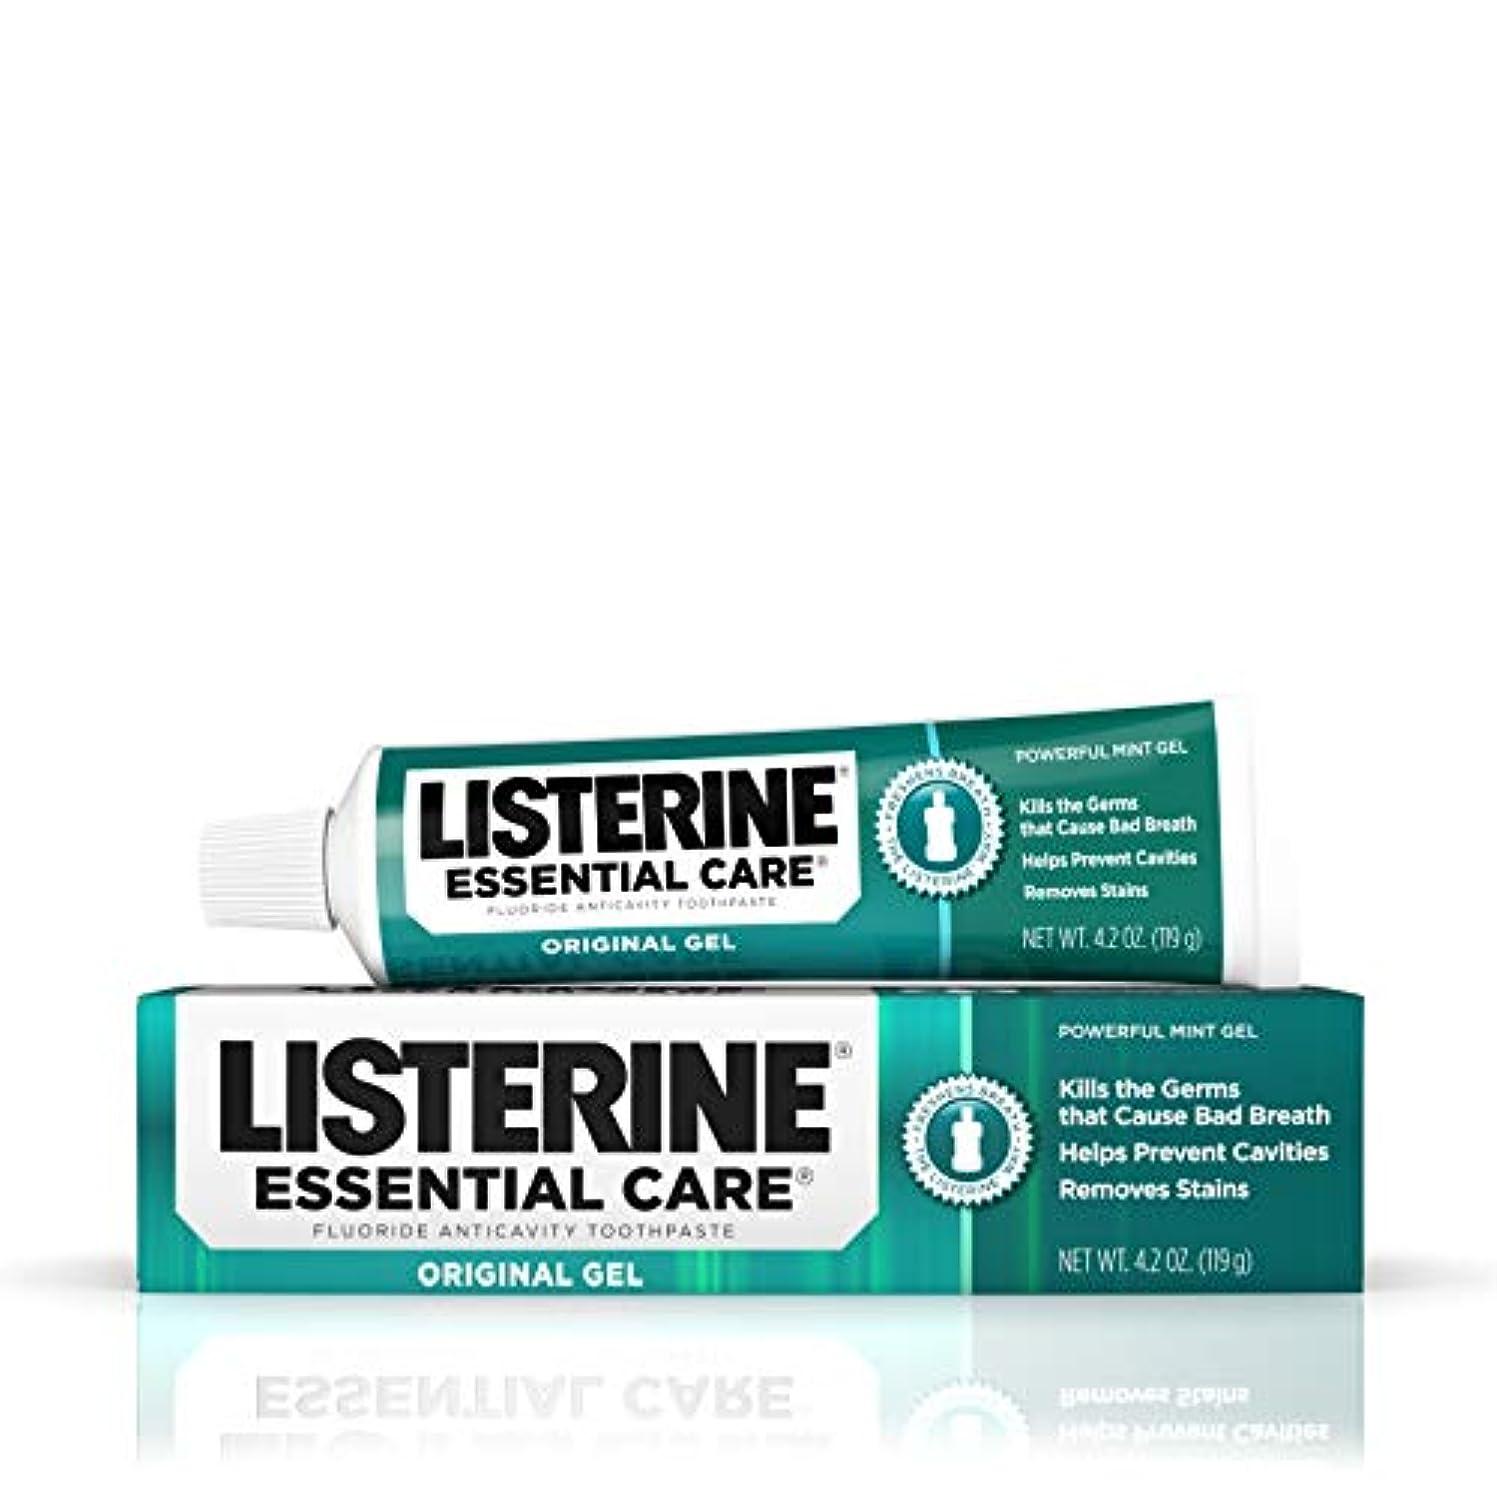 面積ワーディアンケース繊細海外直送品Listerine Essential Care Toothpaste Gel Original, Powerful Mint 4.2 oz by Listerine